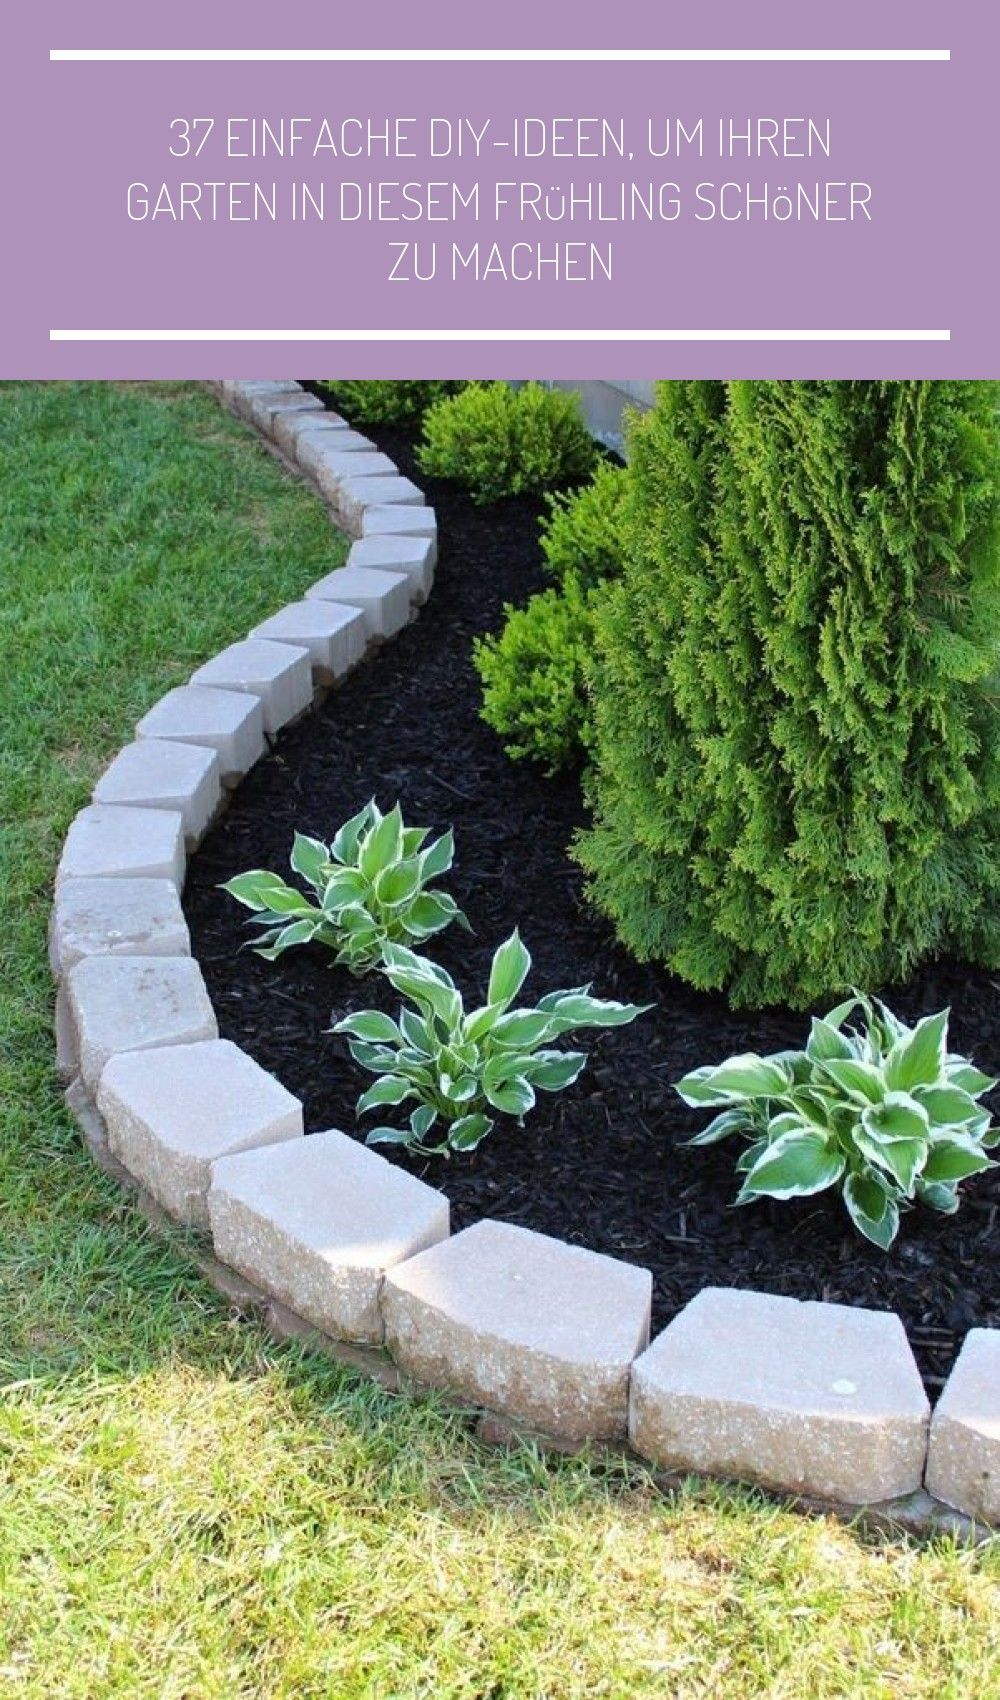 37 Einfache Diy Ideen Um Ihren Garten In Diesem Fruhling Schoner Zu Machen Diesem Easydiy Einf Small Front Gardens Landscaping With Rocks Easy Landscaping